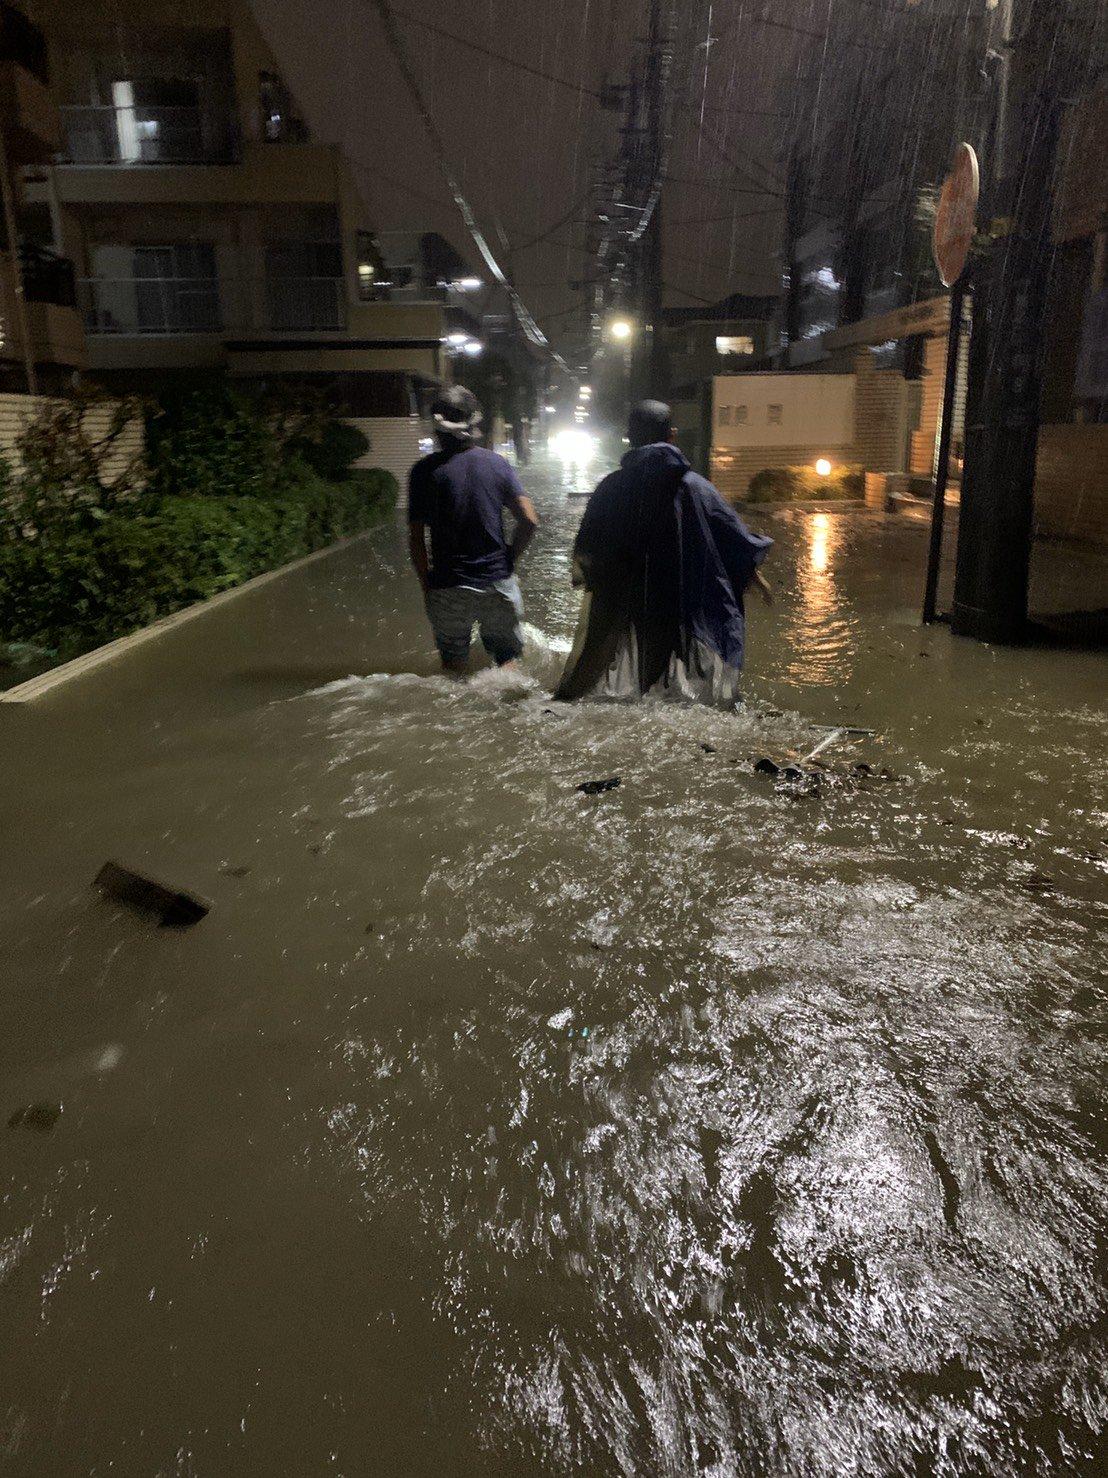 二子新地周辺に多摩川の濁流が流れ込み冠水している現場画像